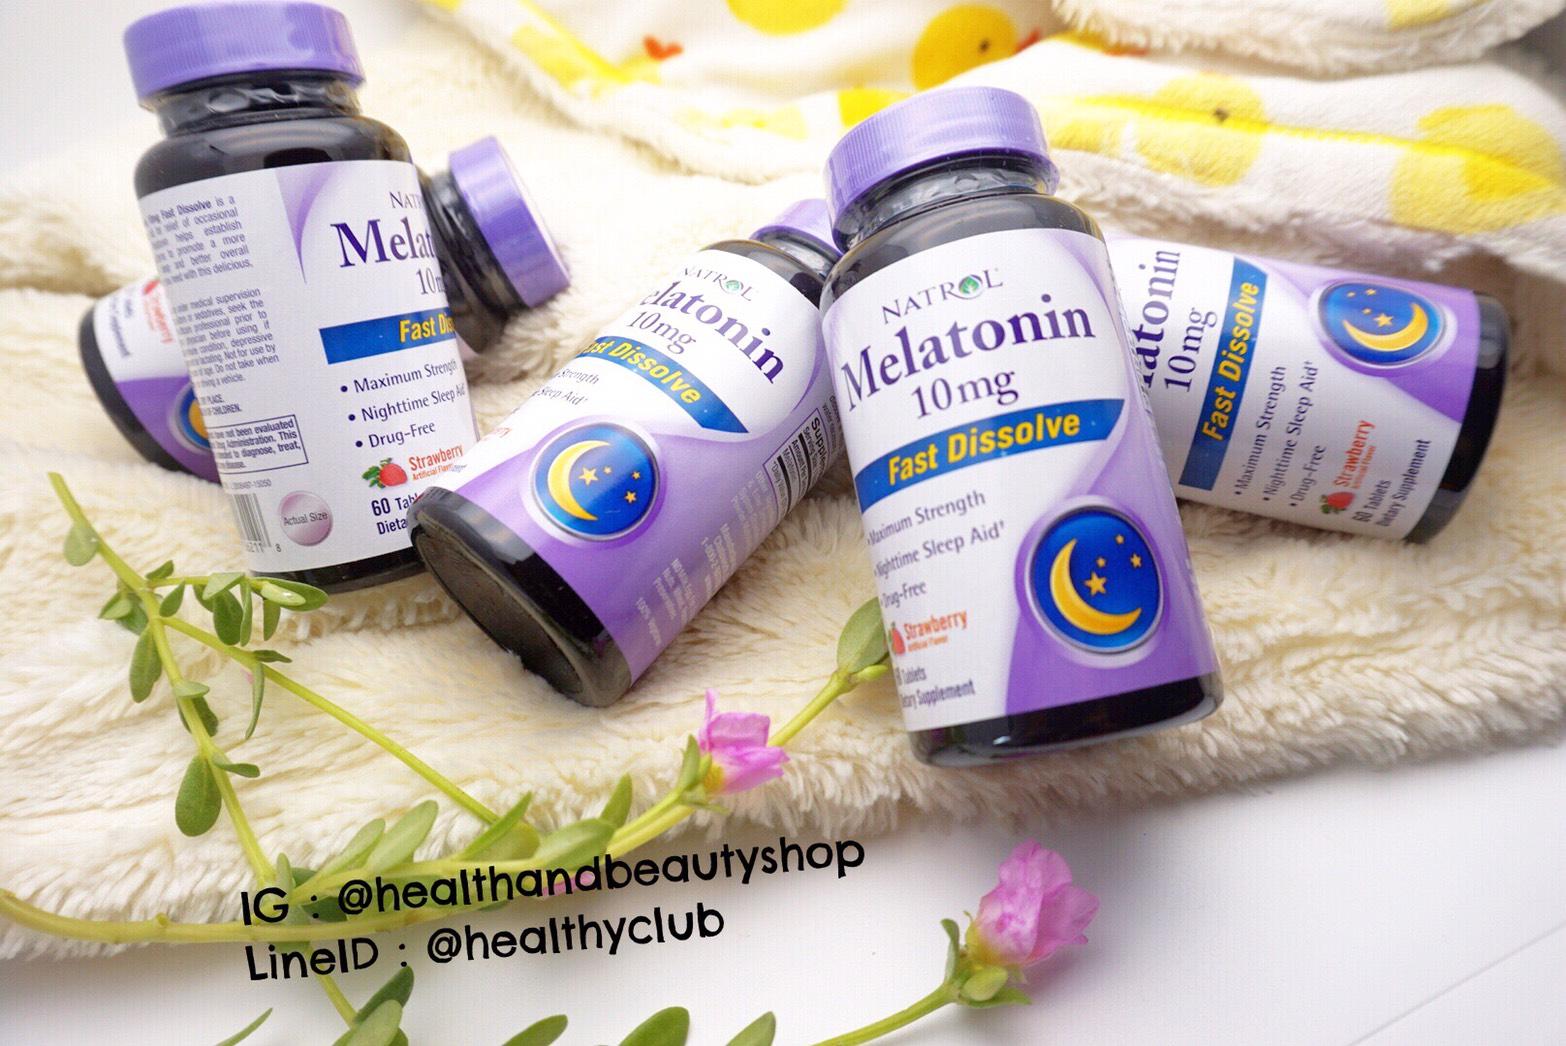 # นอนไม่หลับขั้นรุนแรง # Natrol, Melatonin 10 mg Fast Dissolve 60 Tabs